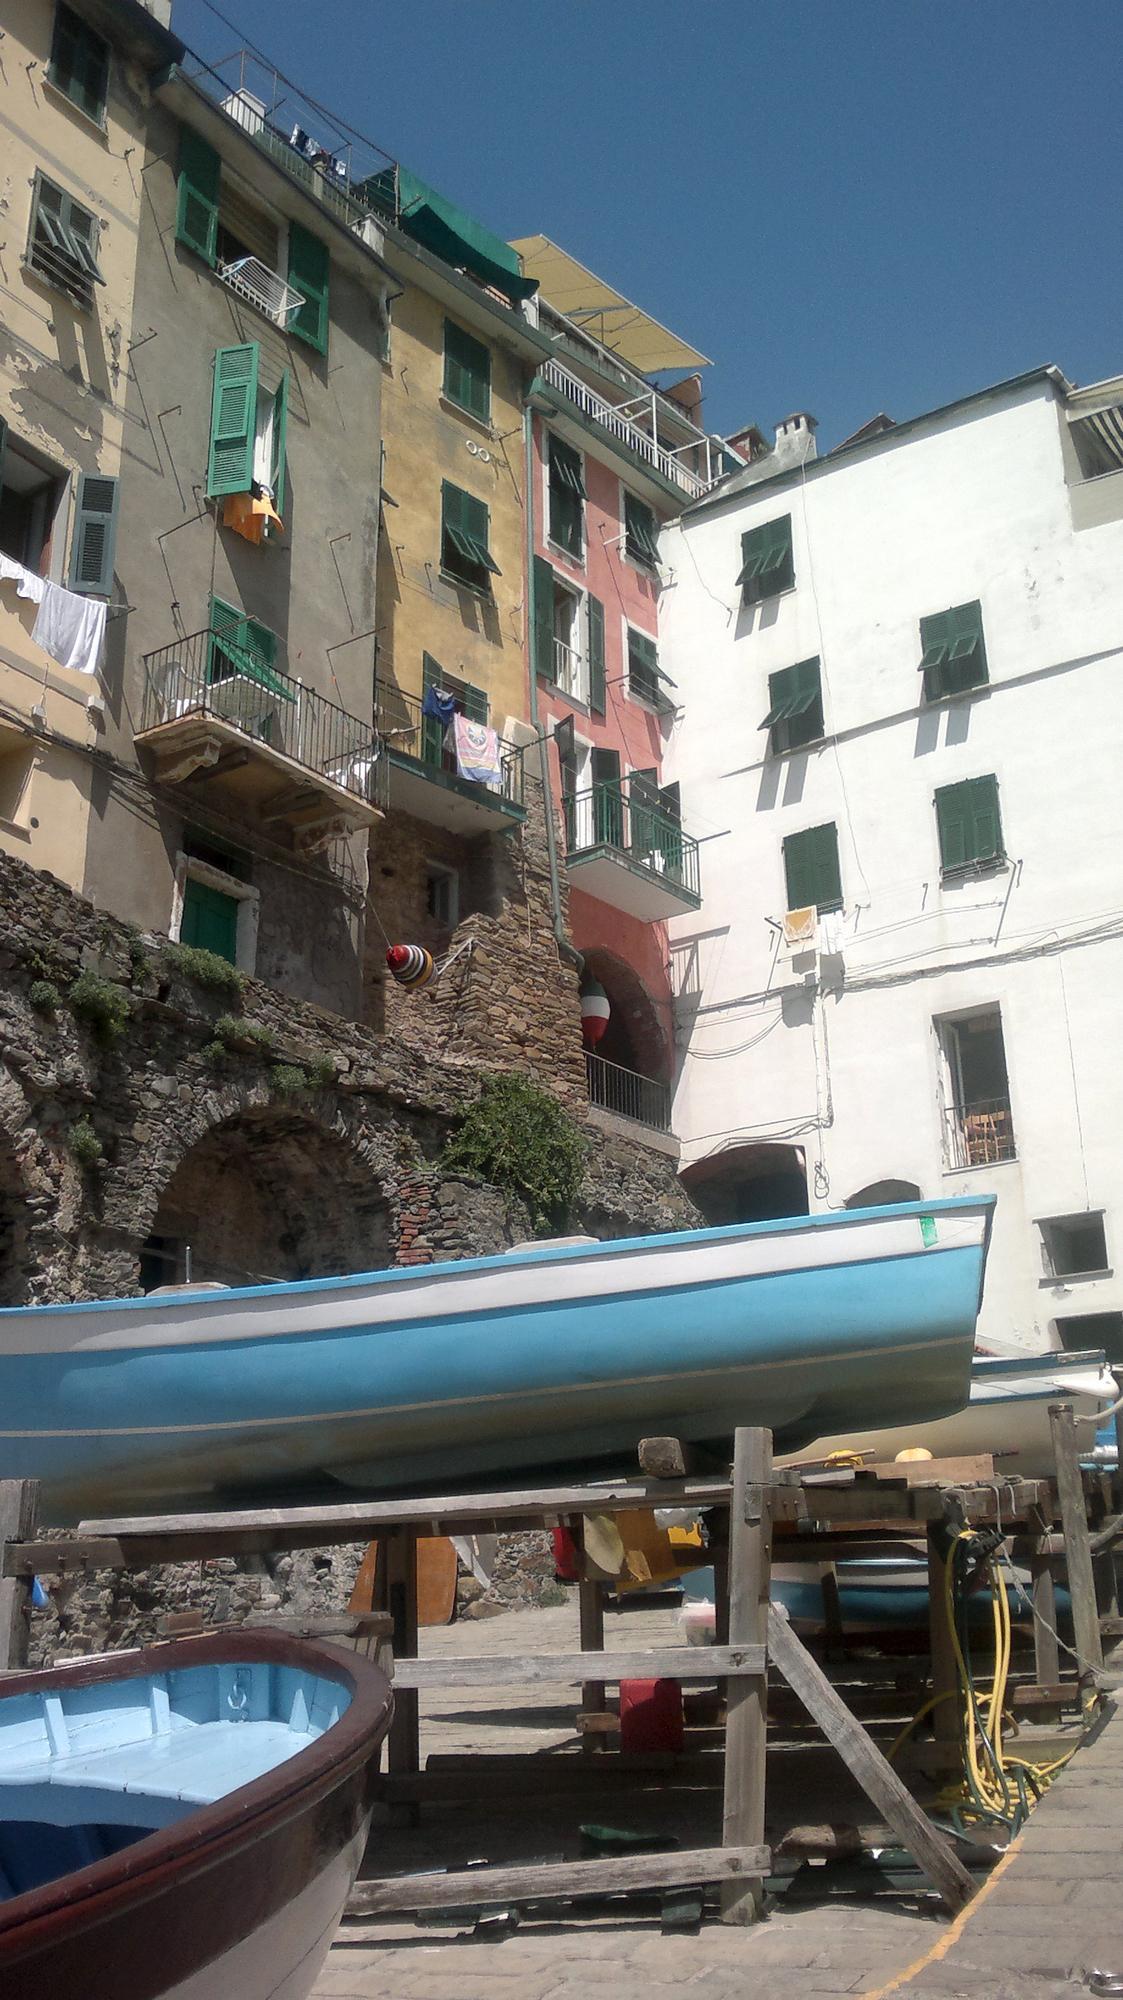 Riomaggiore - vesnička, kde se zastavil čas